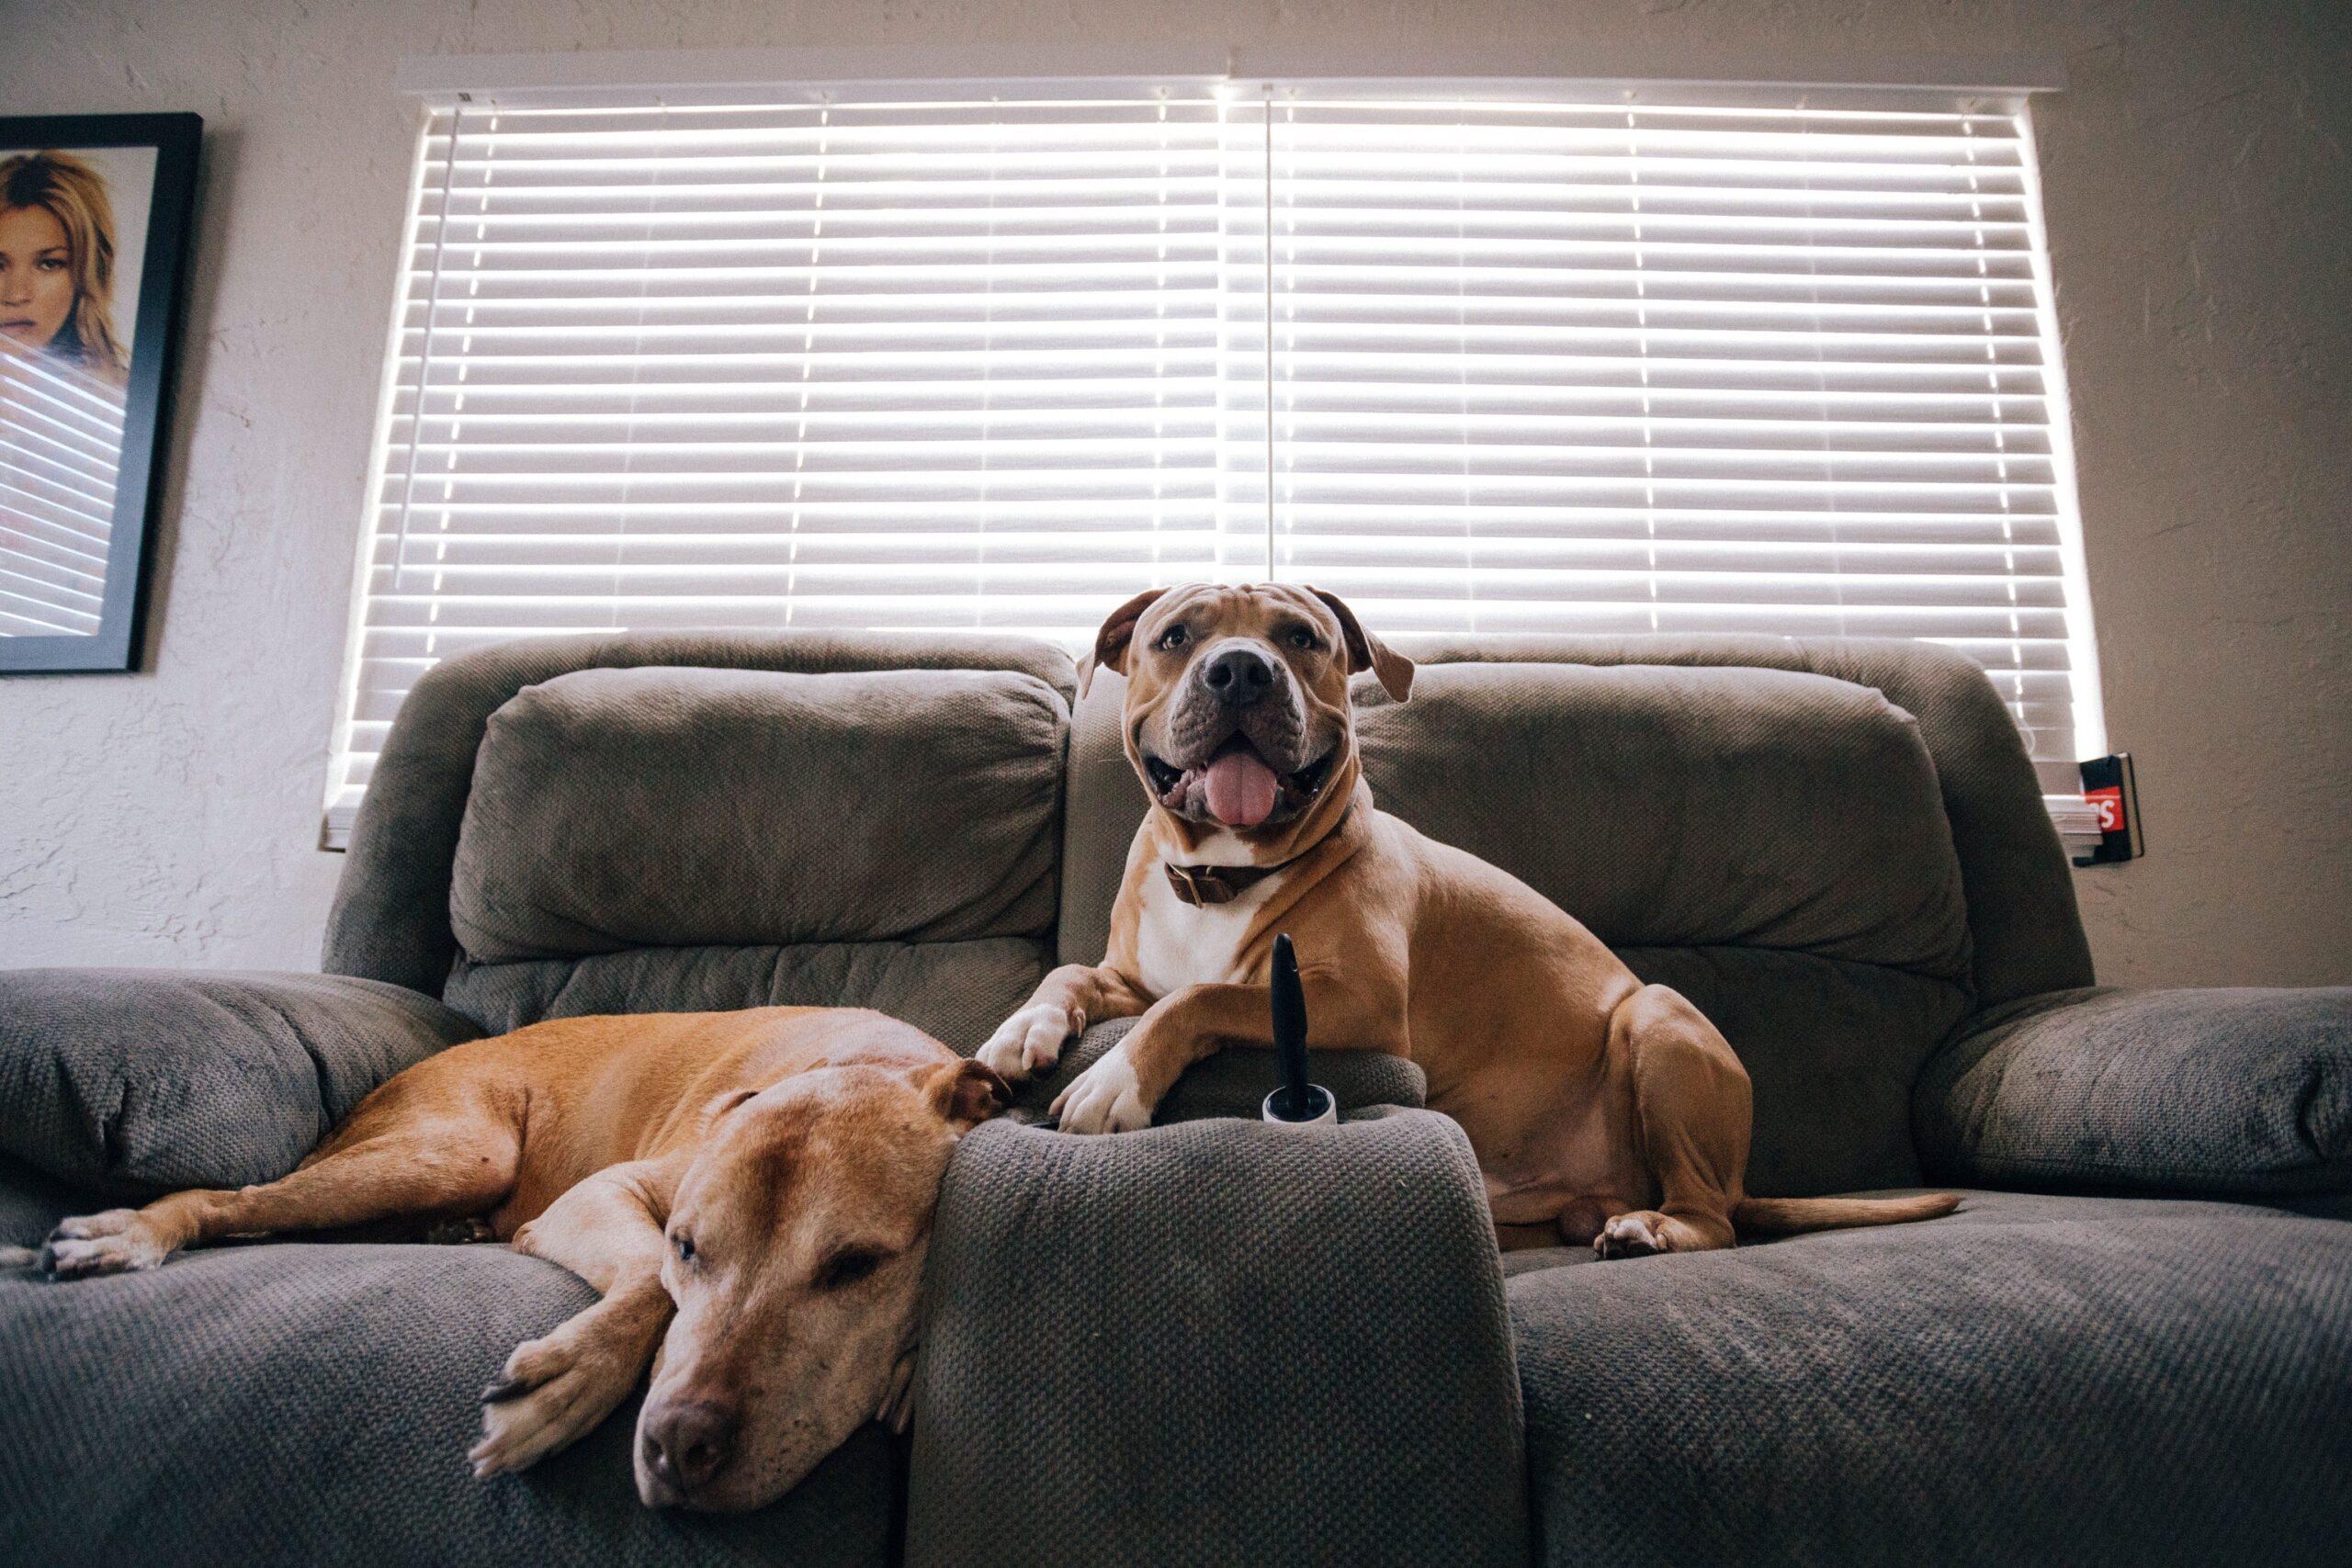 Comment faire pour éviter que votre chien fasse ses besoins dans la maison? - Naku